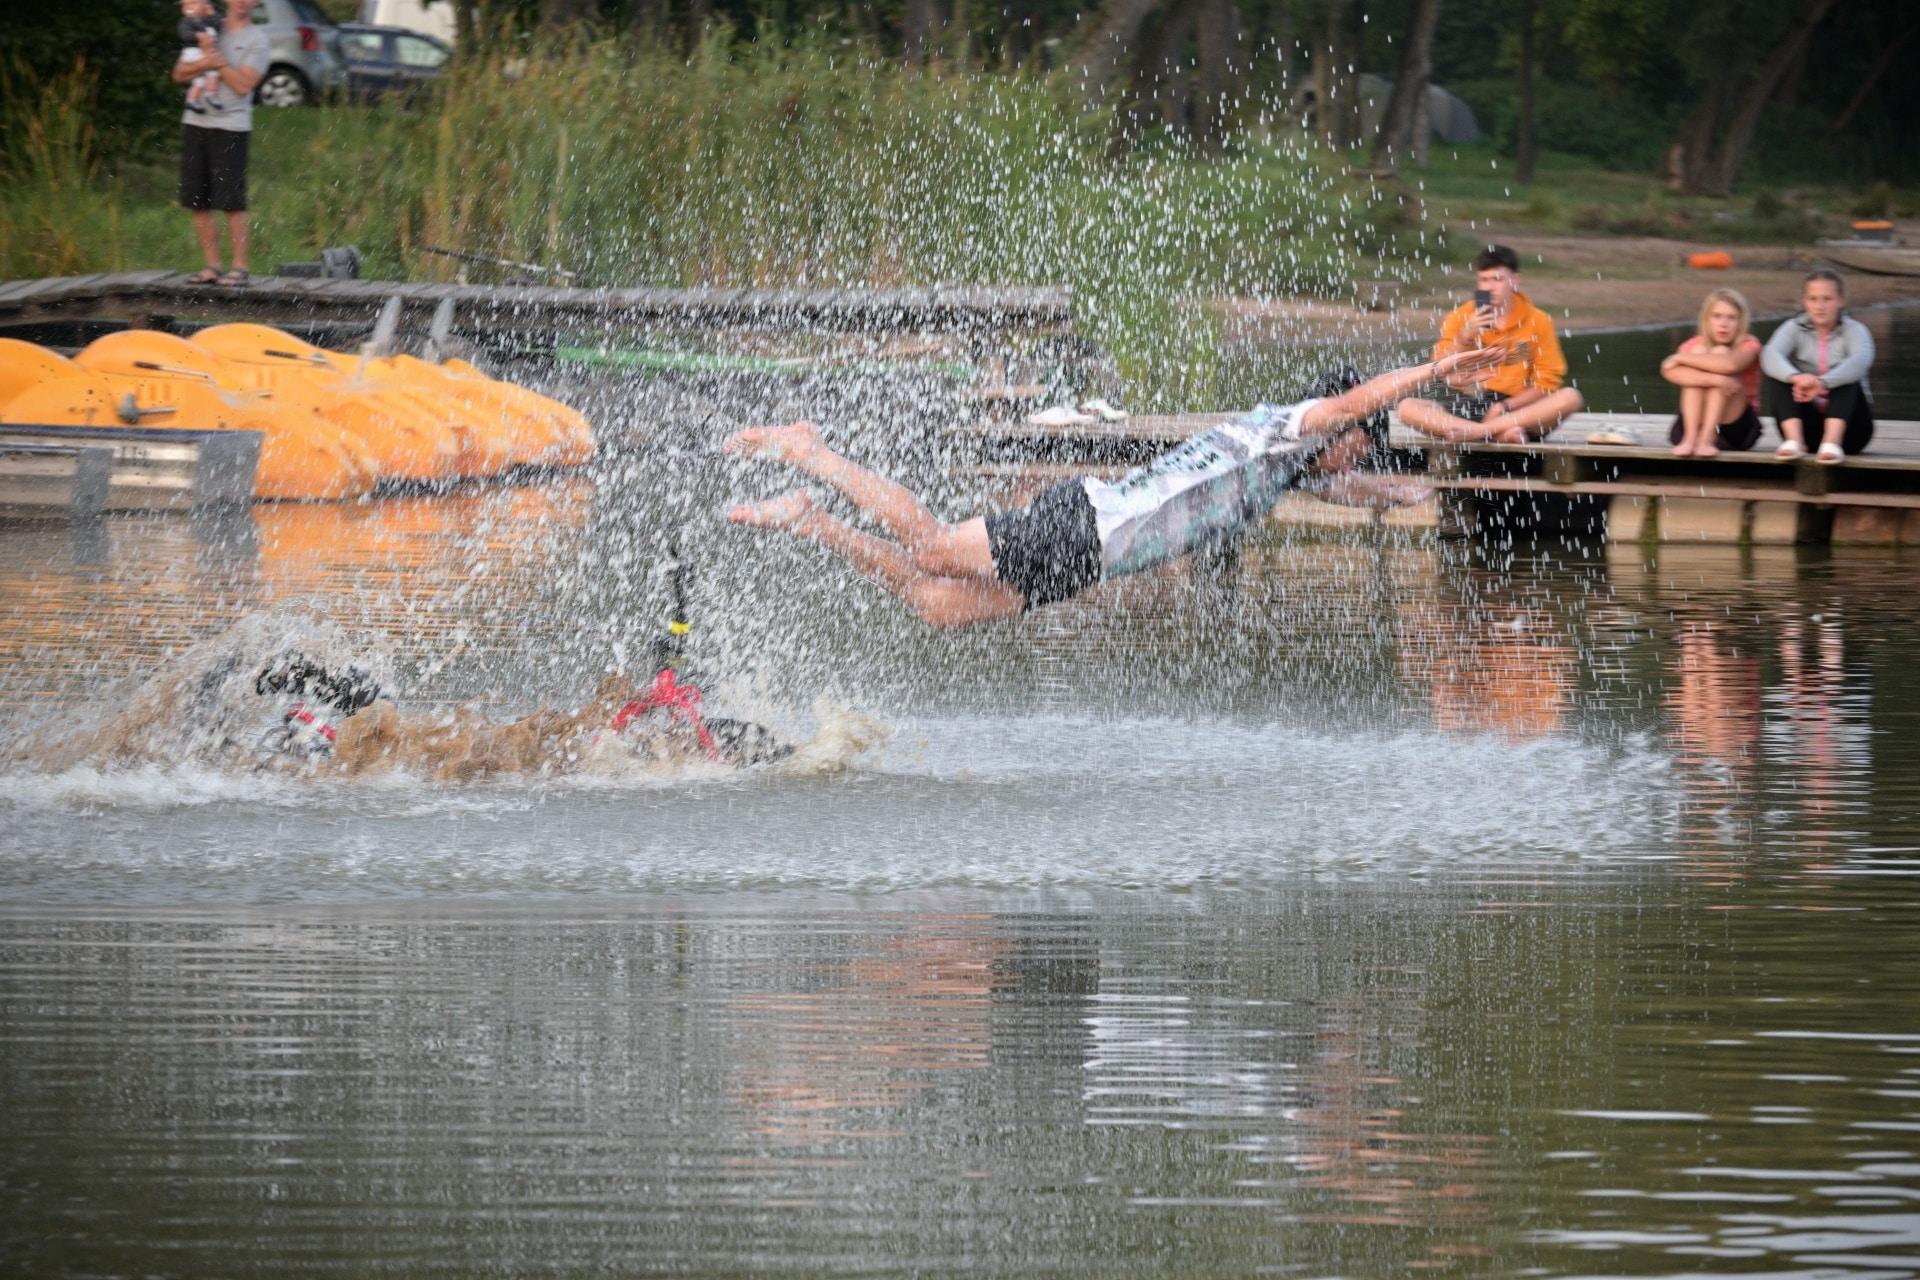 Vjezdy do vody v minulém ročníku často předčily dřívější skoky